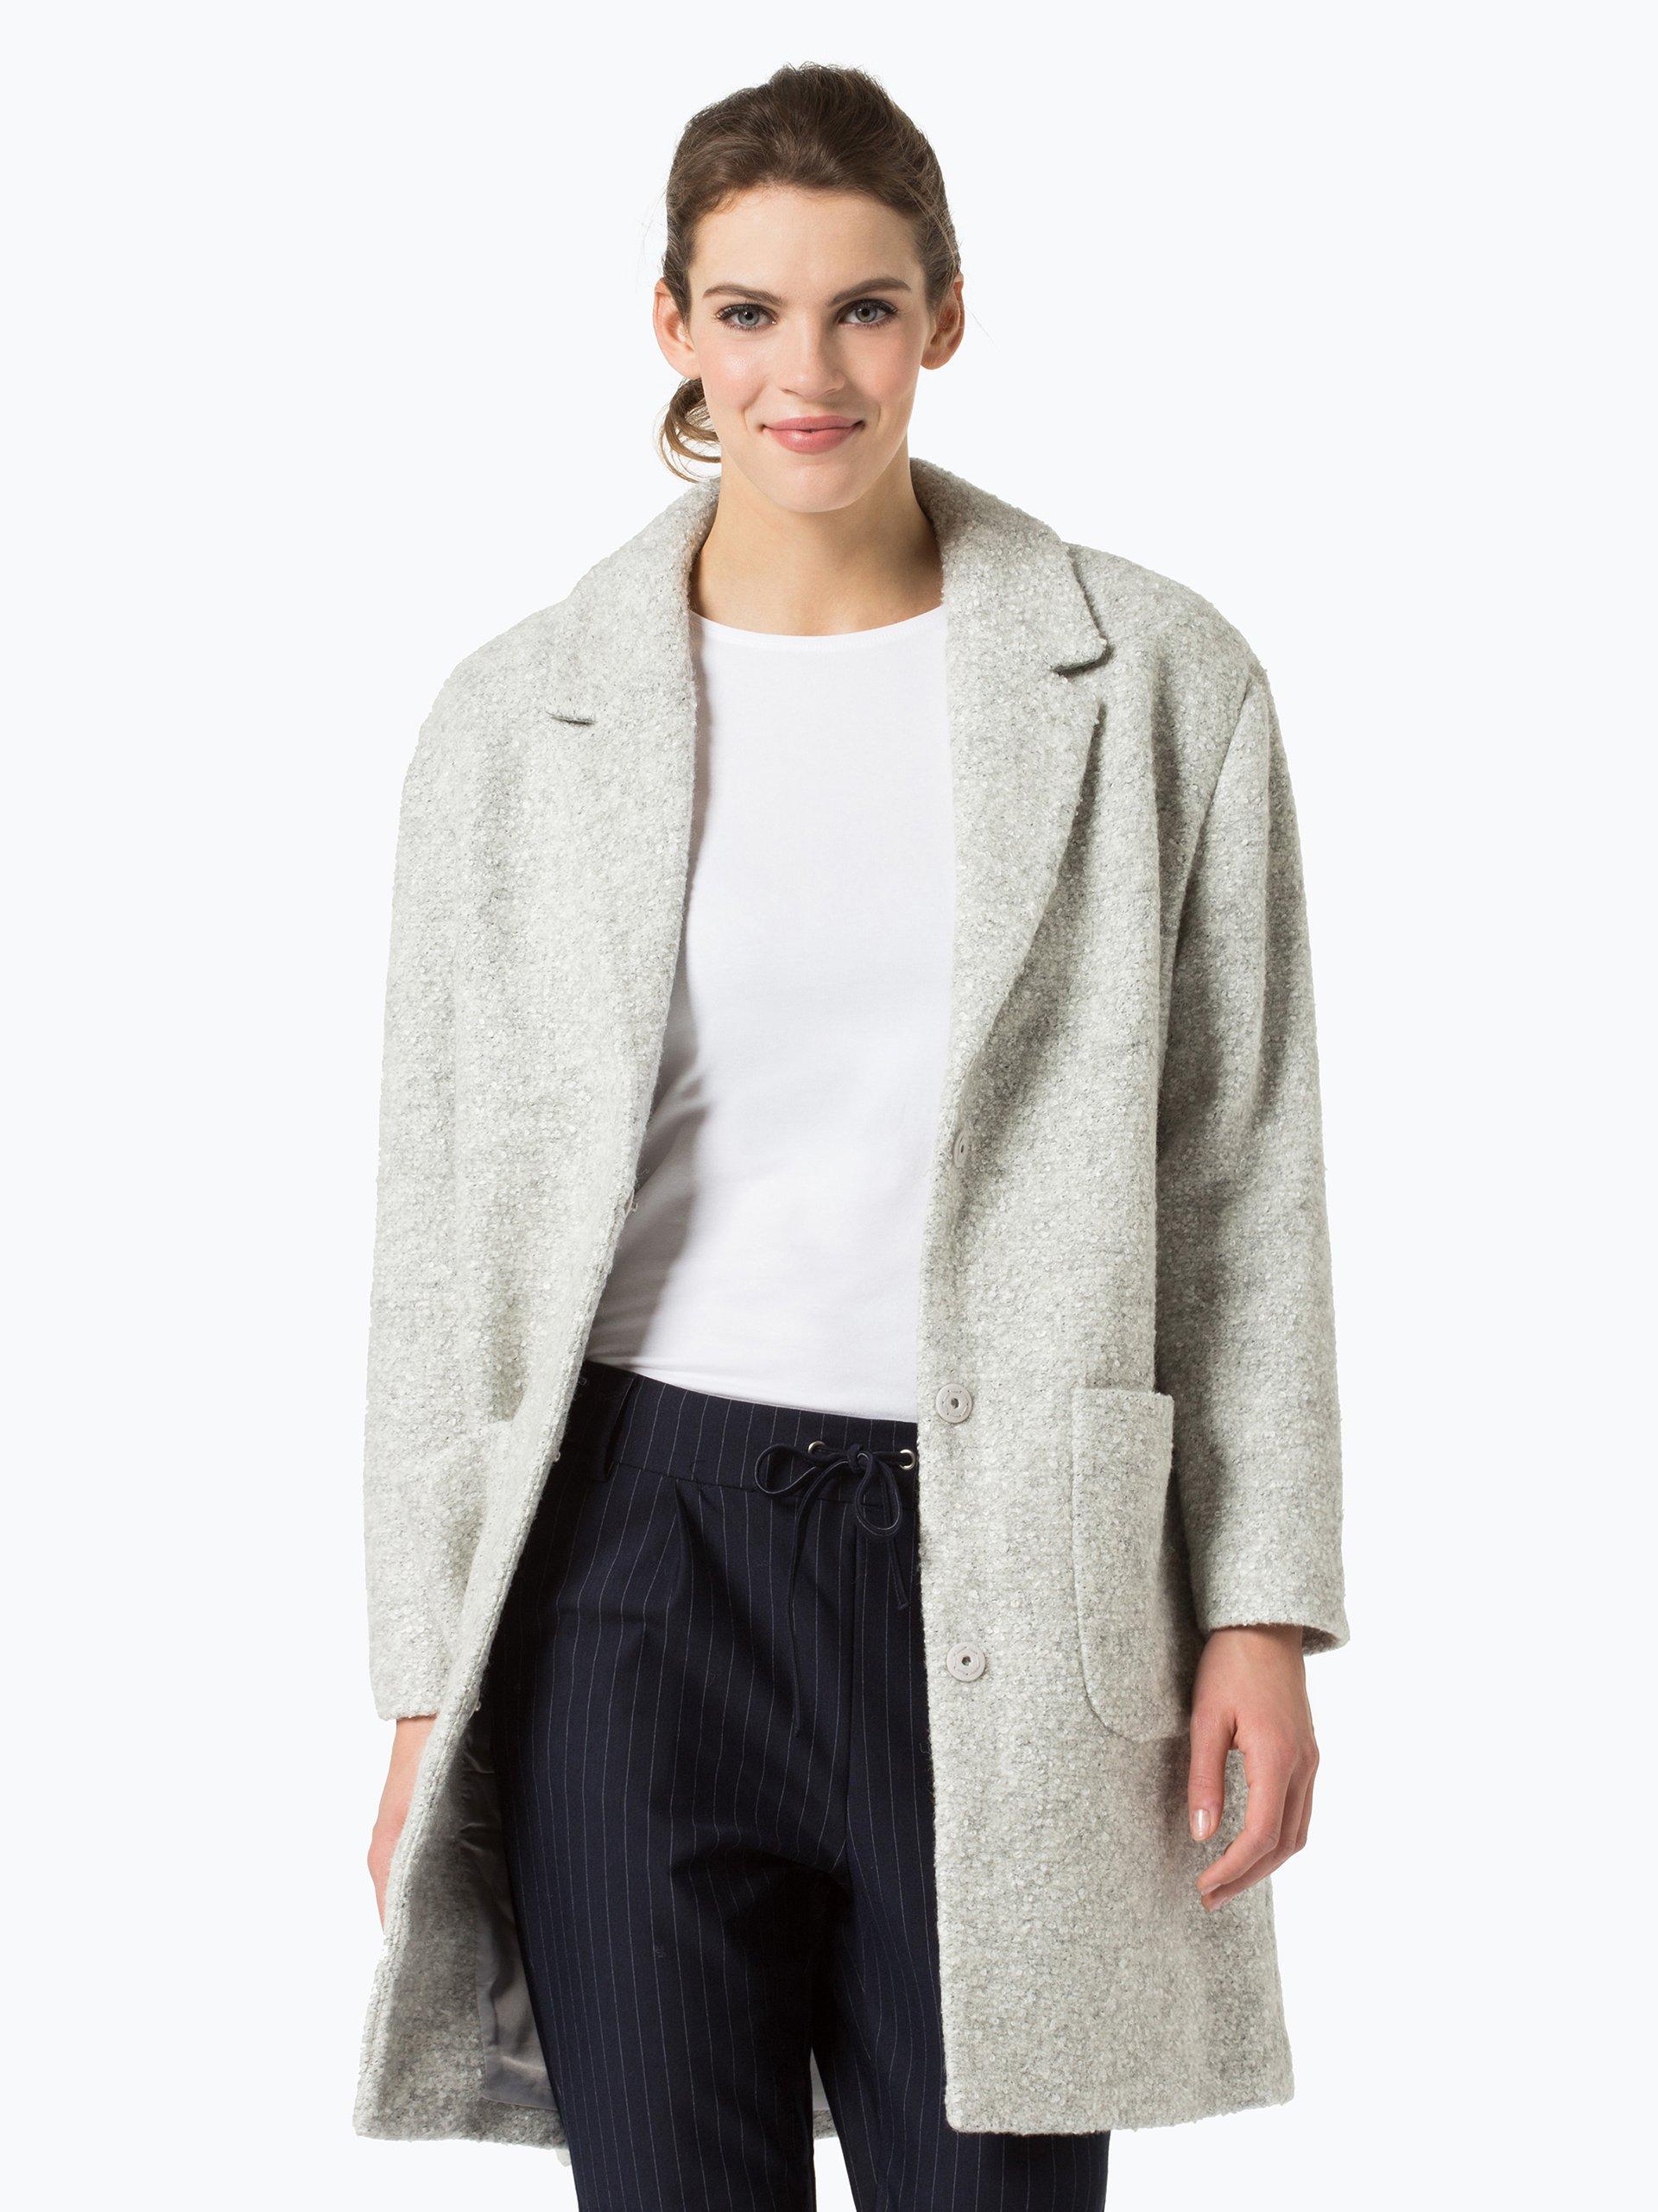 oliver casual damen mantel silber uni online kaufen vangraaf com. Black Bedroom Furniture Sets. Home Design Ideas